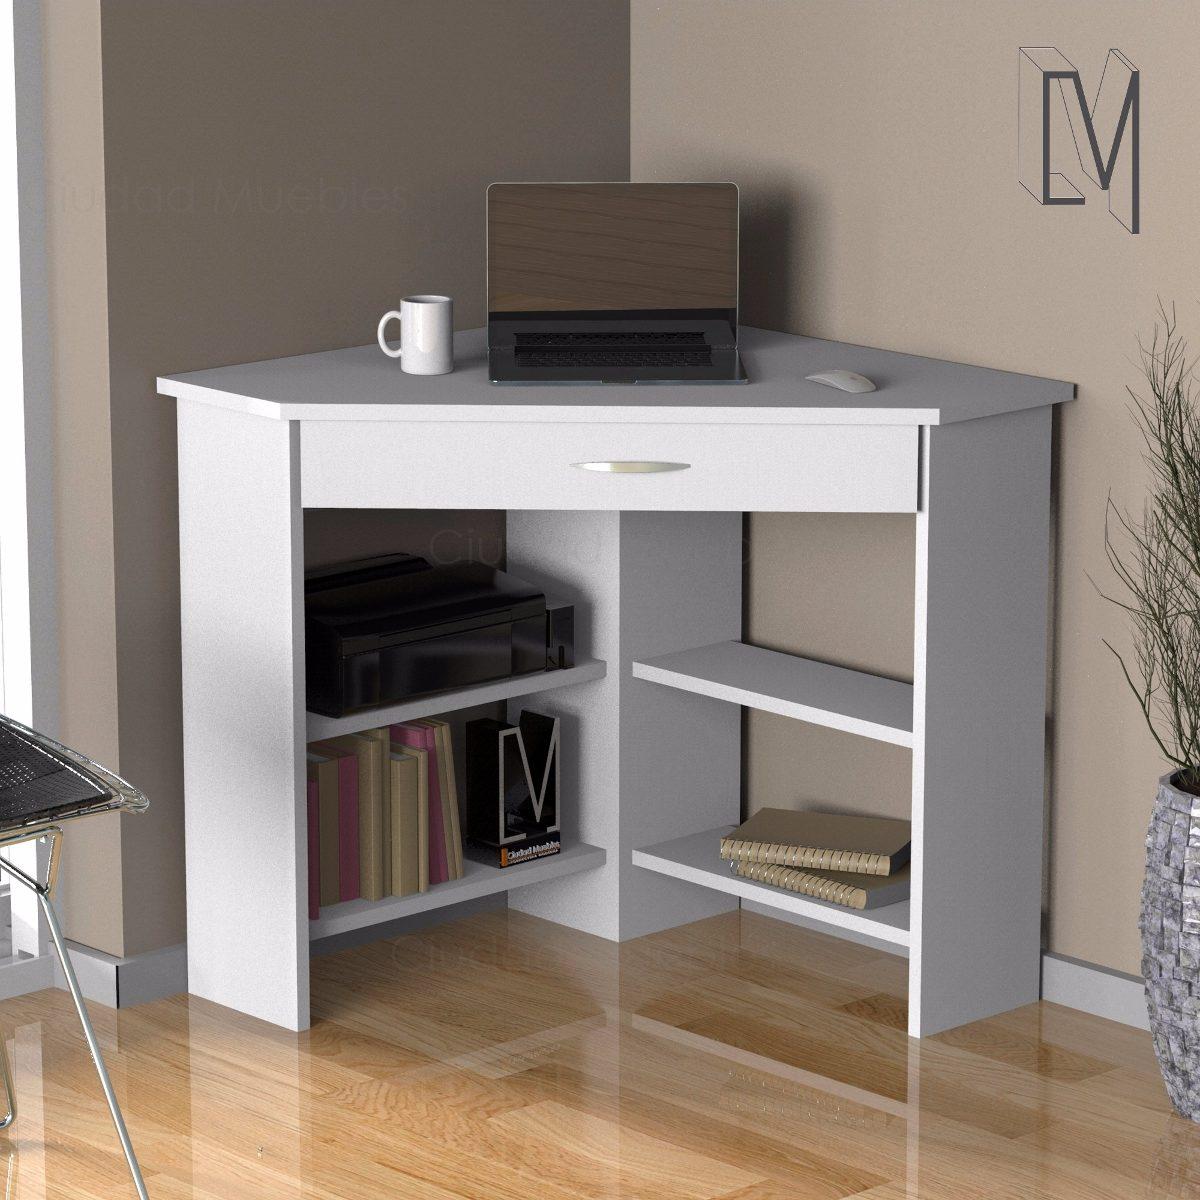 Muebles para oficina muebles para oficina with muebles for Muebles de oficina mesas